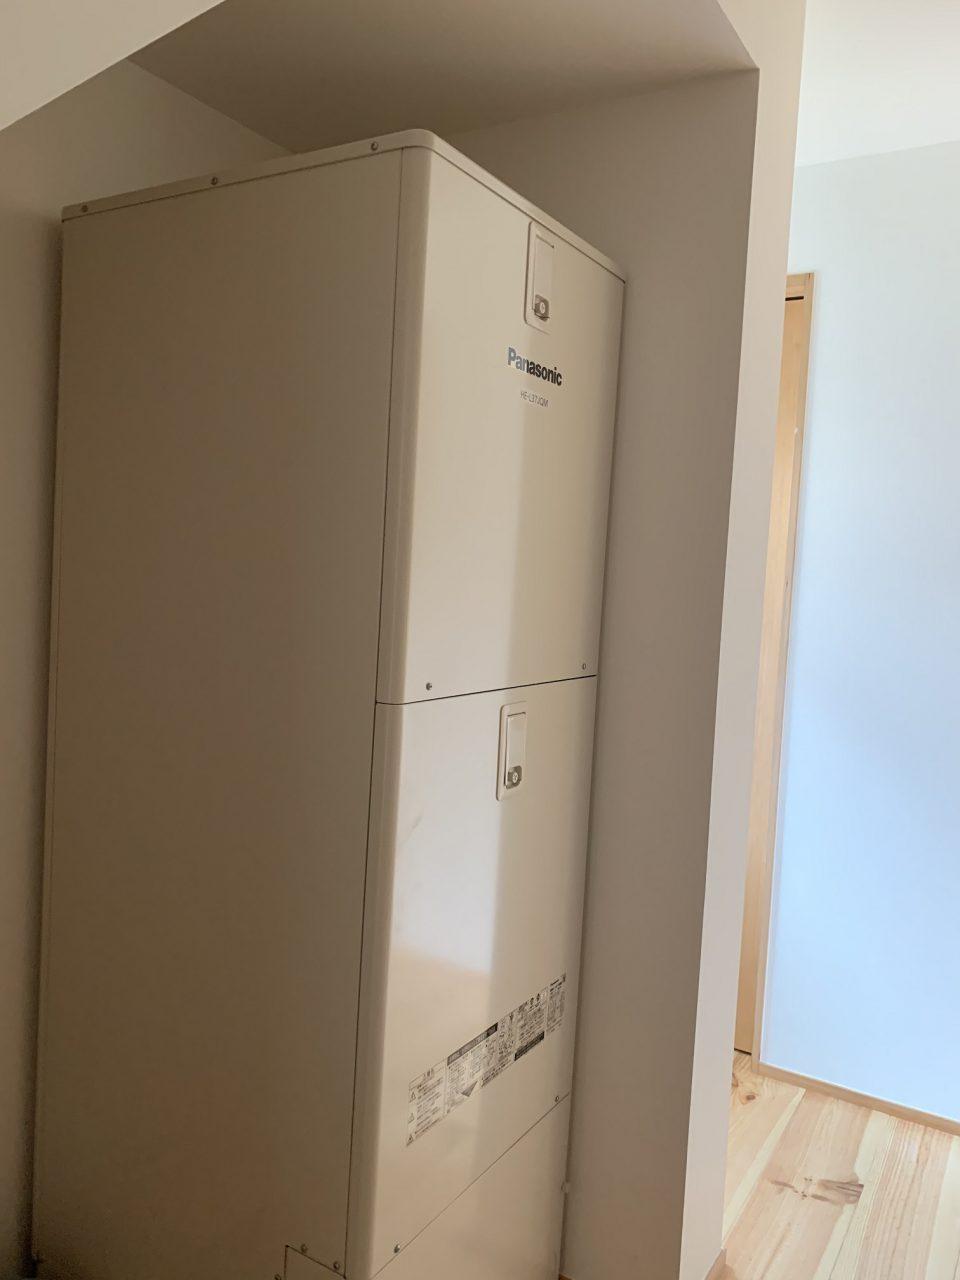 階段下のスペースを利用してエコキュートの貯湯タンクを。 省エネのため、室内にできるだけ置くようにしましょう。